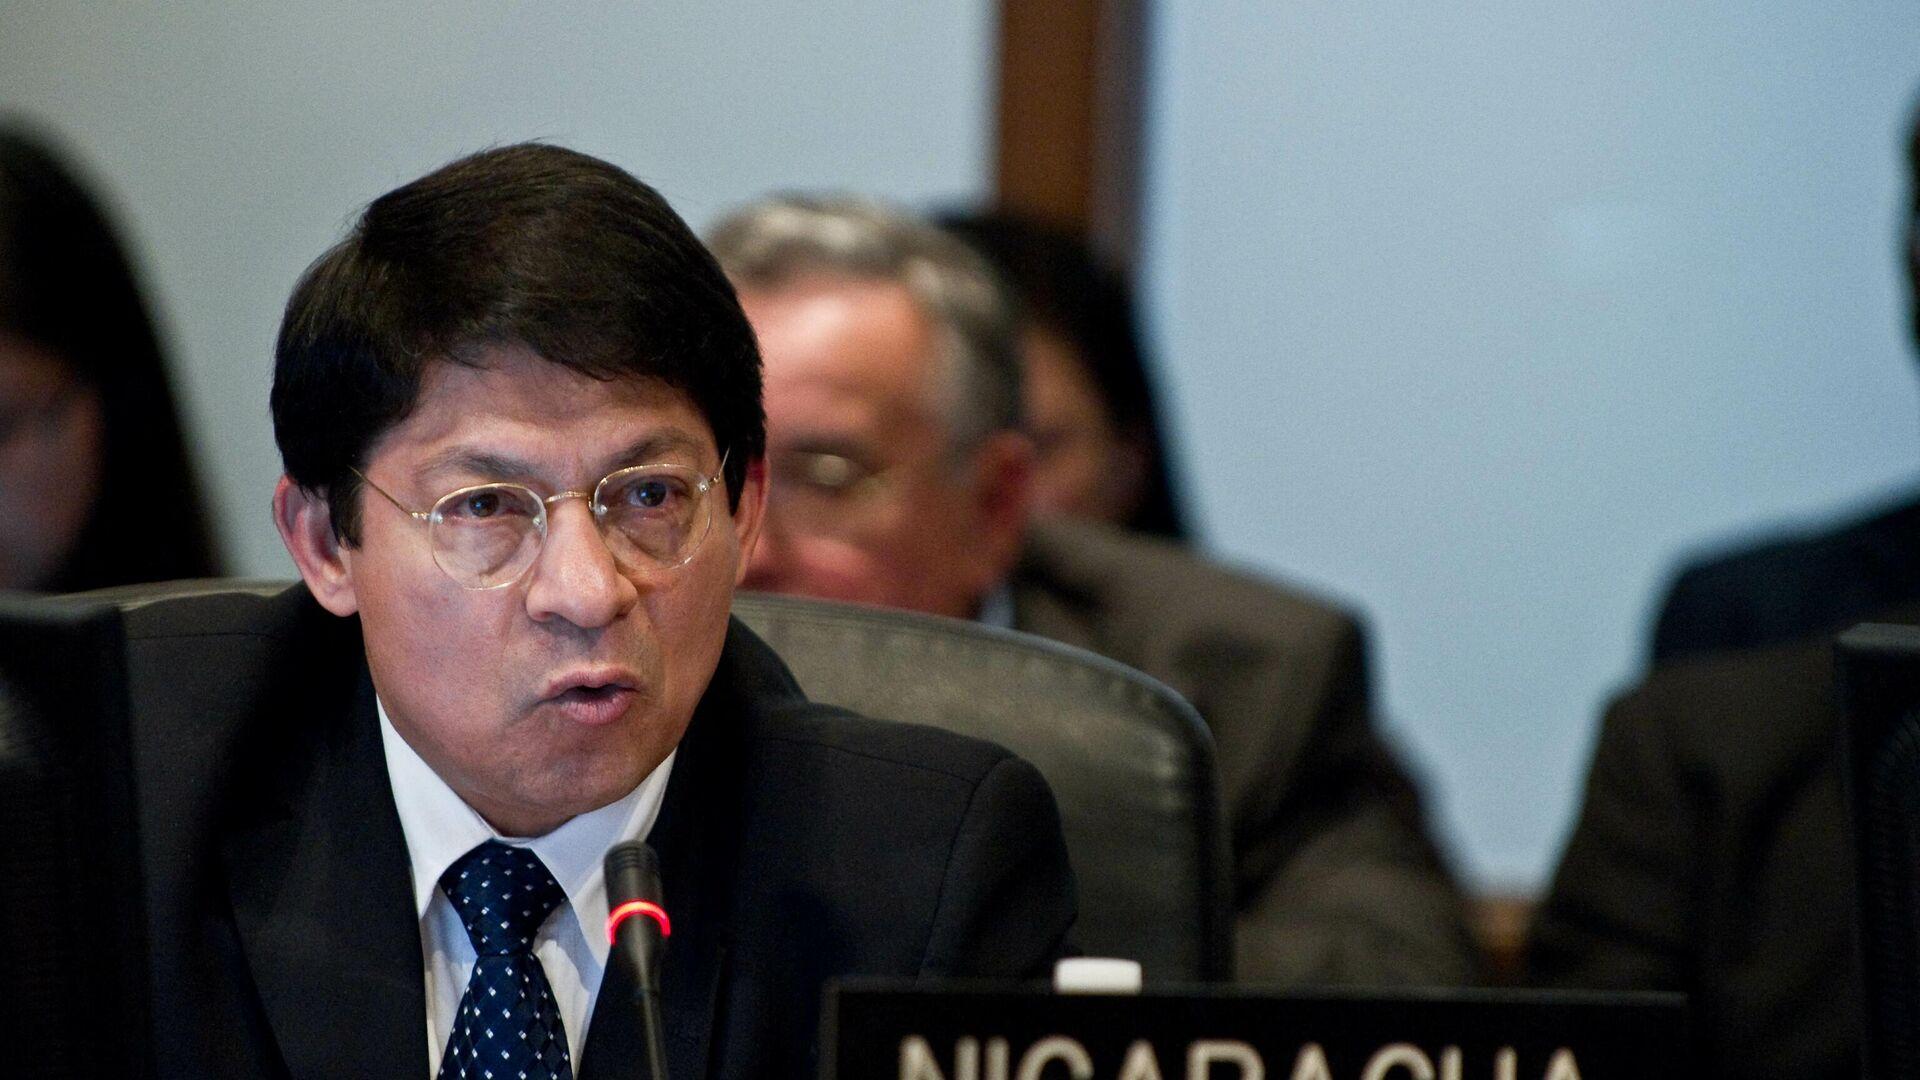 Canciller de Nicaragua, Denis Moncada, durante una reunión de la OEA en noviembre de 2010 - Sputnik Mundo, 1920, 27.06.2021